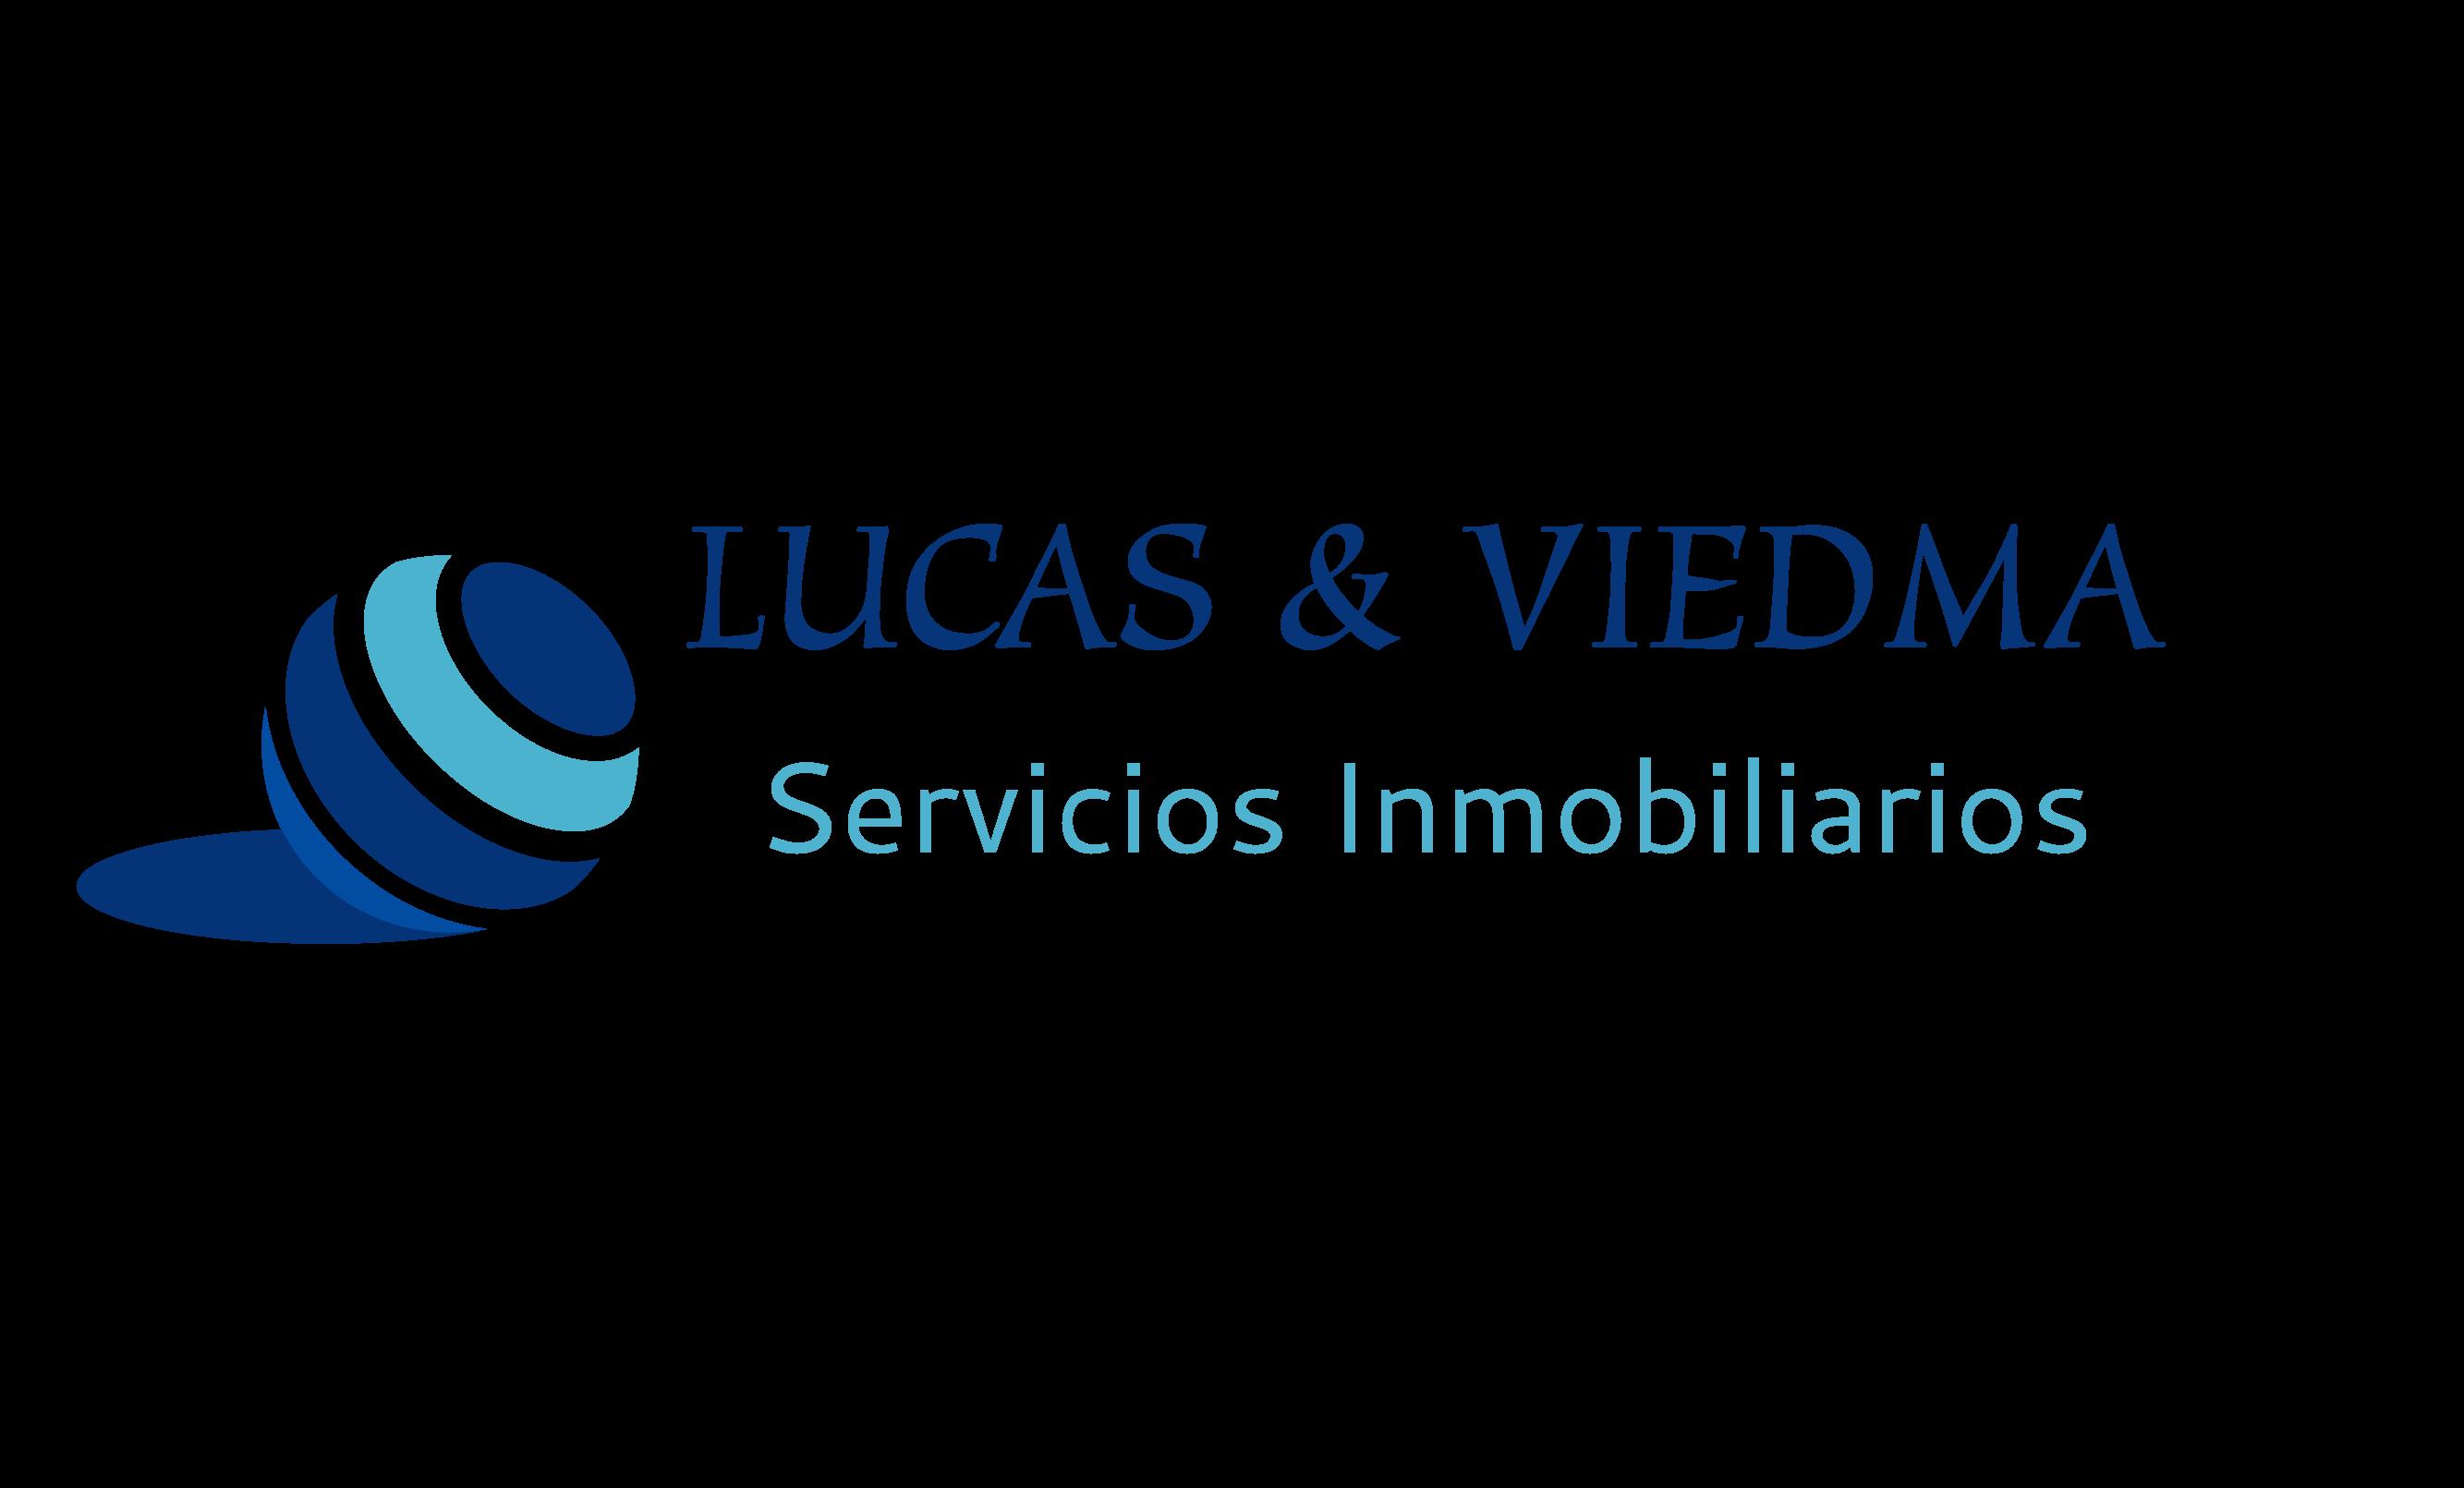 Lucas & Viedma Servicios Inmobiliarios